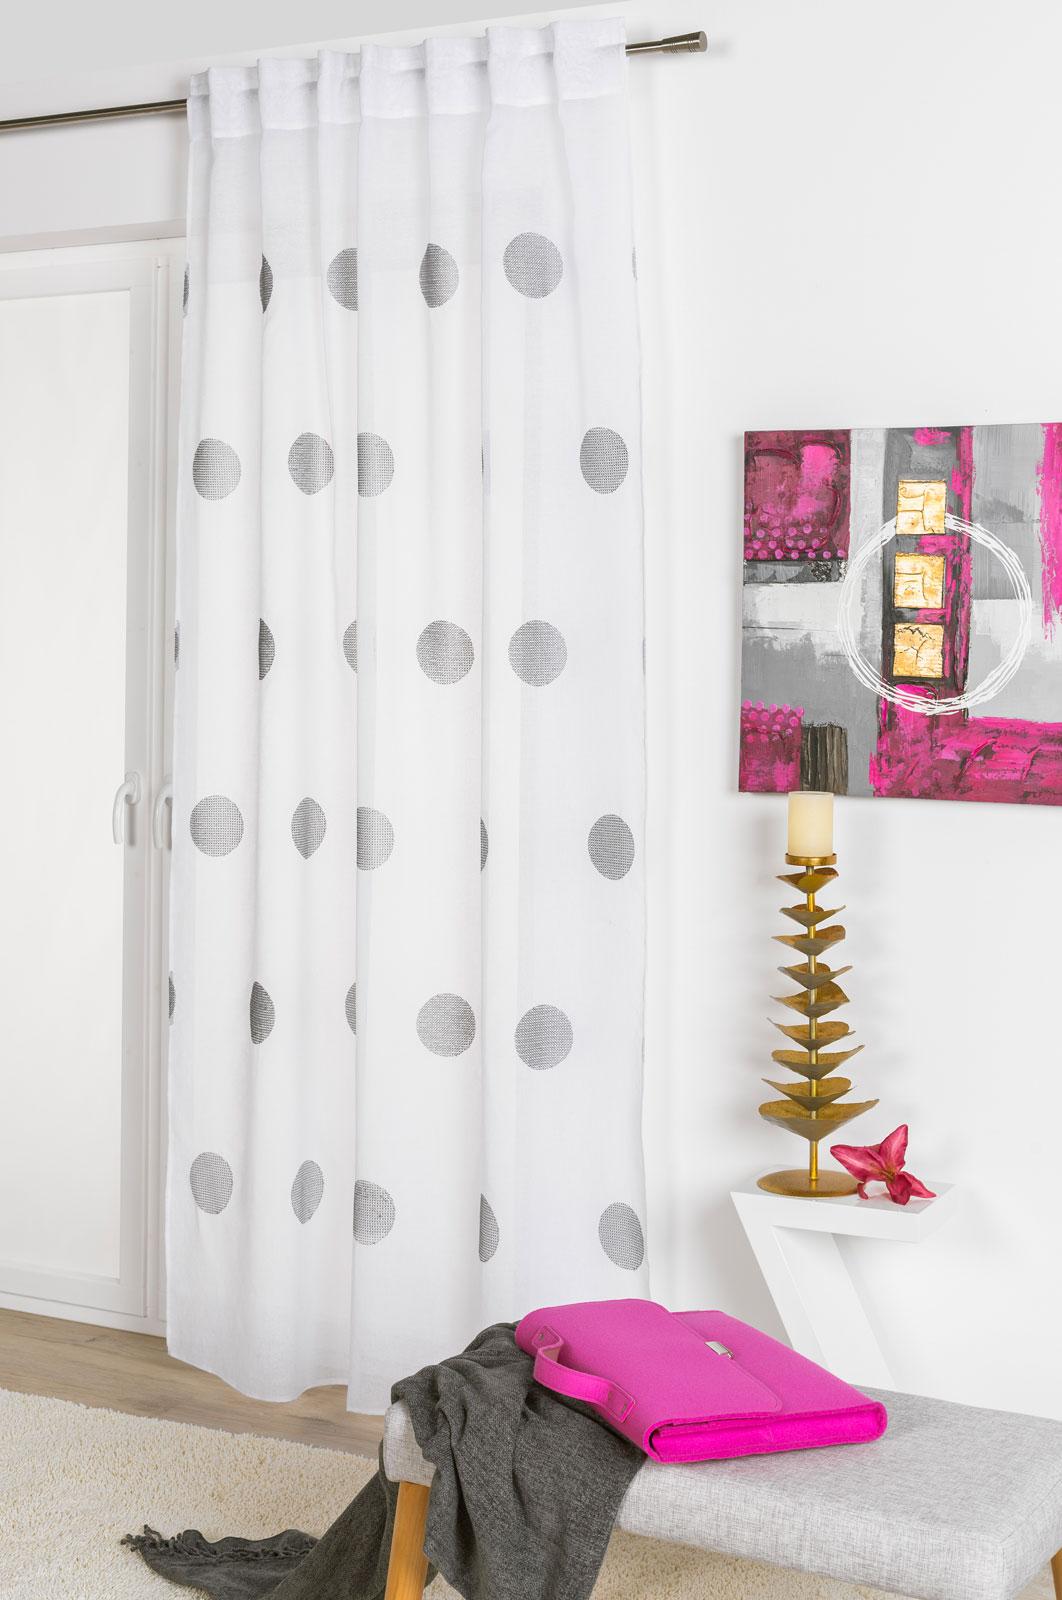 Gardinen und Vorhänge - Schlaufenschal Vorhang Gardine 135x245 Karin 300273  - Onlineshop PremiumShop321